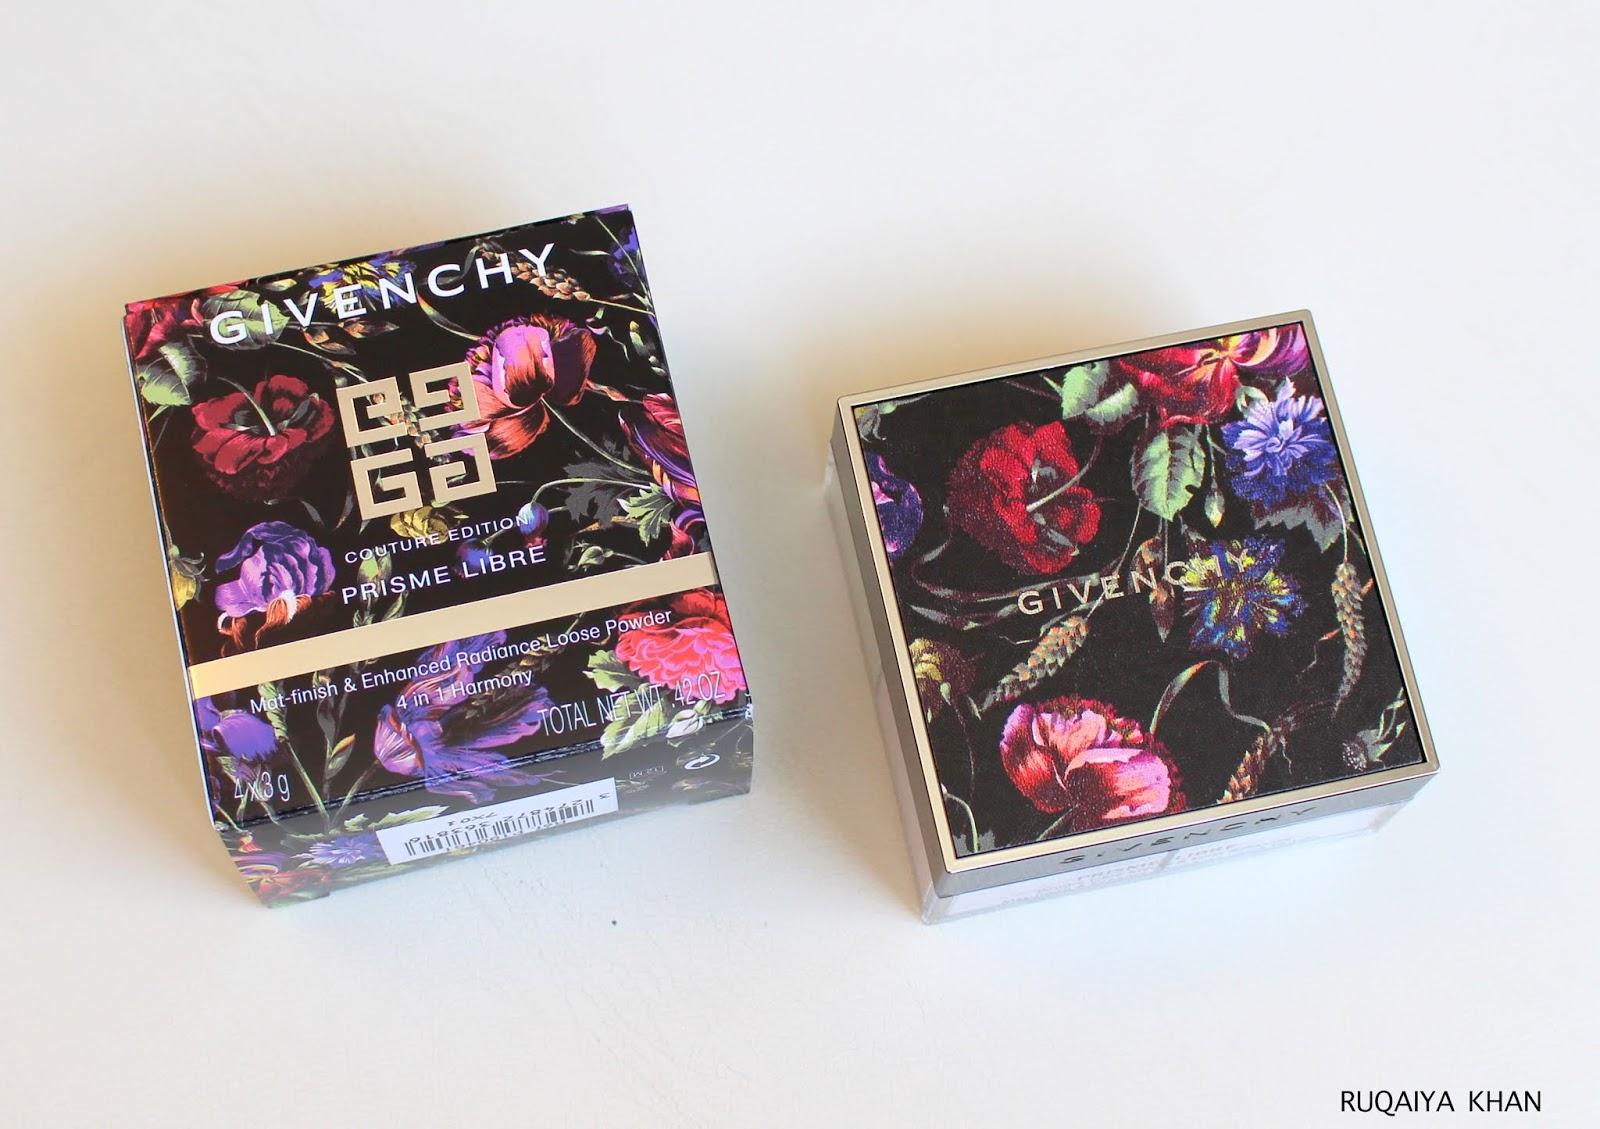 Prisme Blush by Givenchy #17